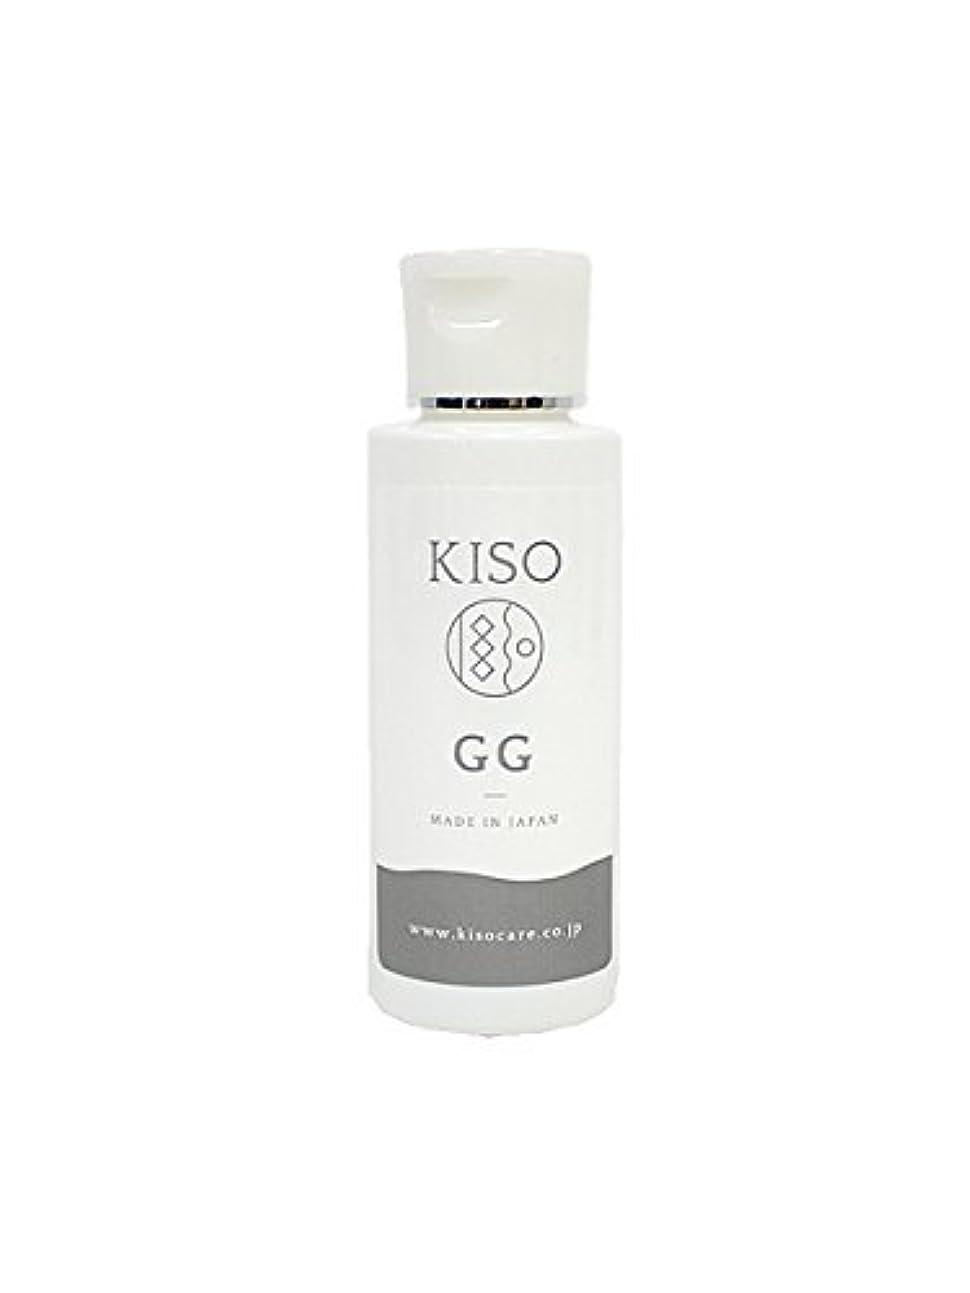 大通りユーモアあいまいKISO グリシルグリシン5% 高配合美容水 【GGエッセンス 50mL】 肌のキメを整える?肌をひきしめる